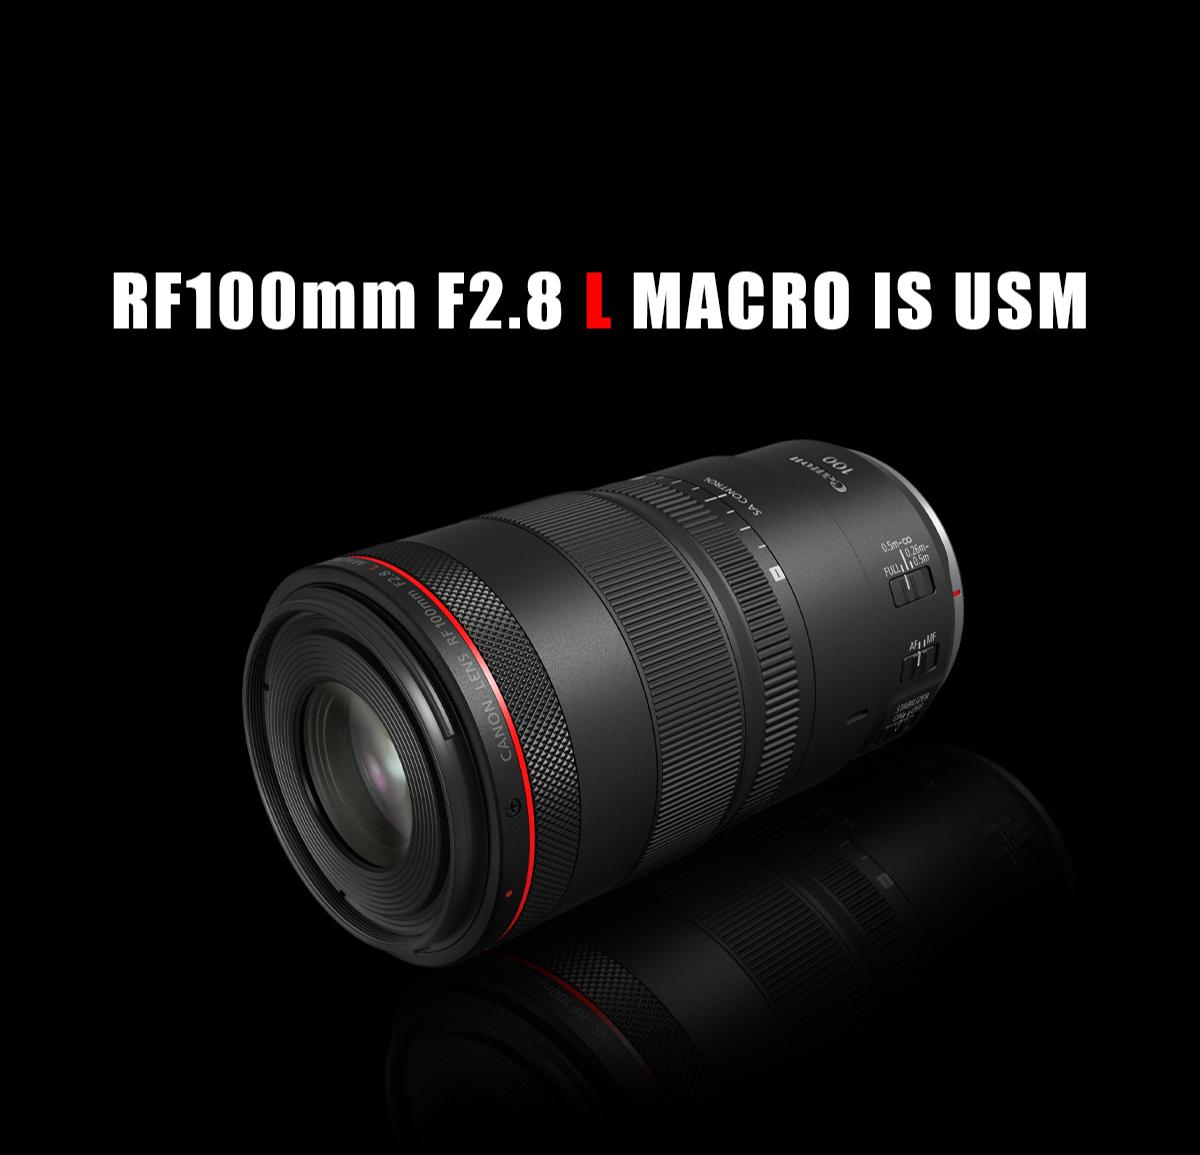 RF100mm F2.8 L MACRO IS USM